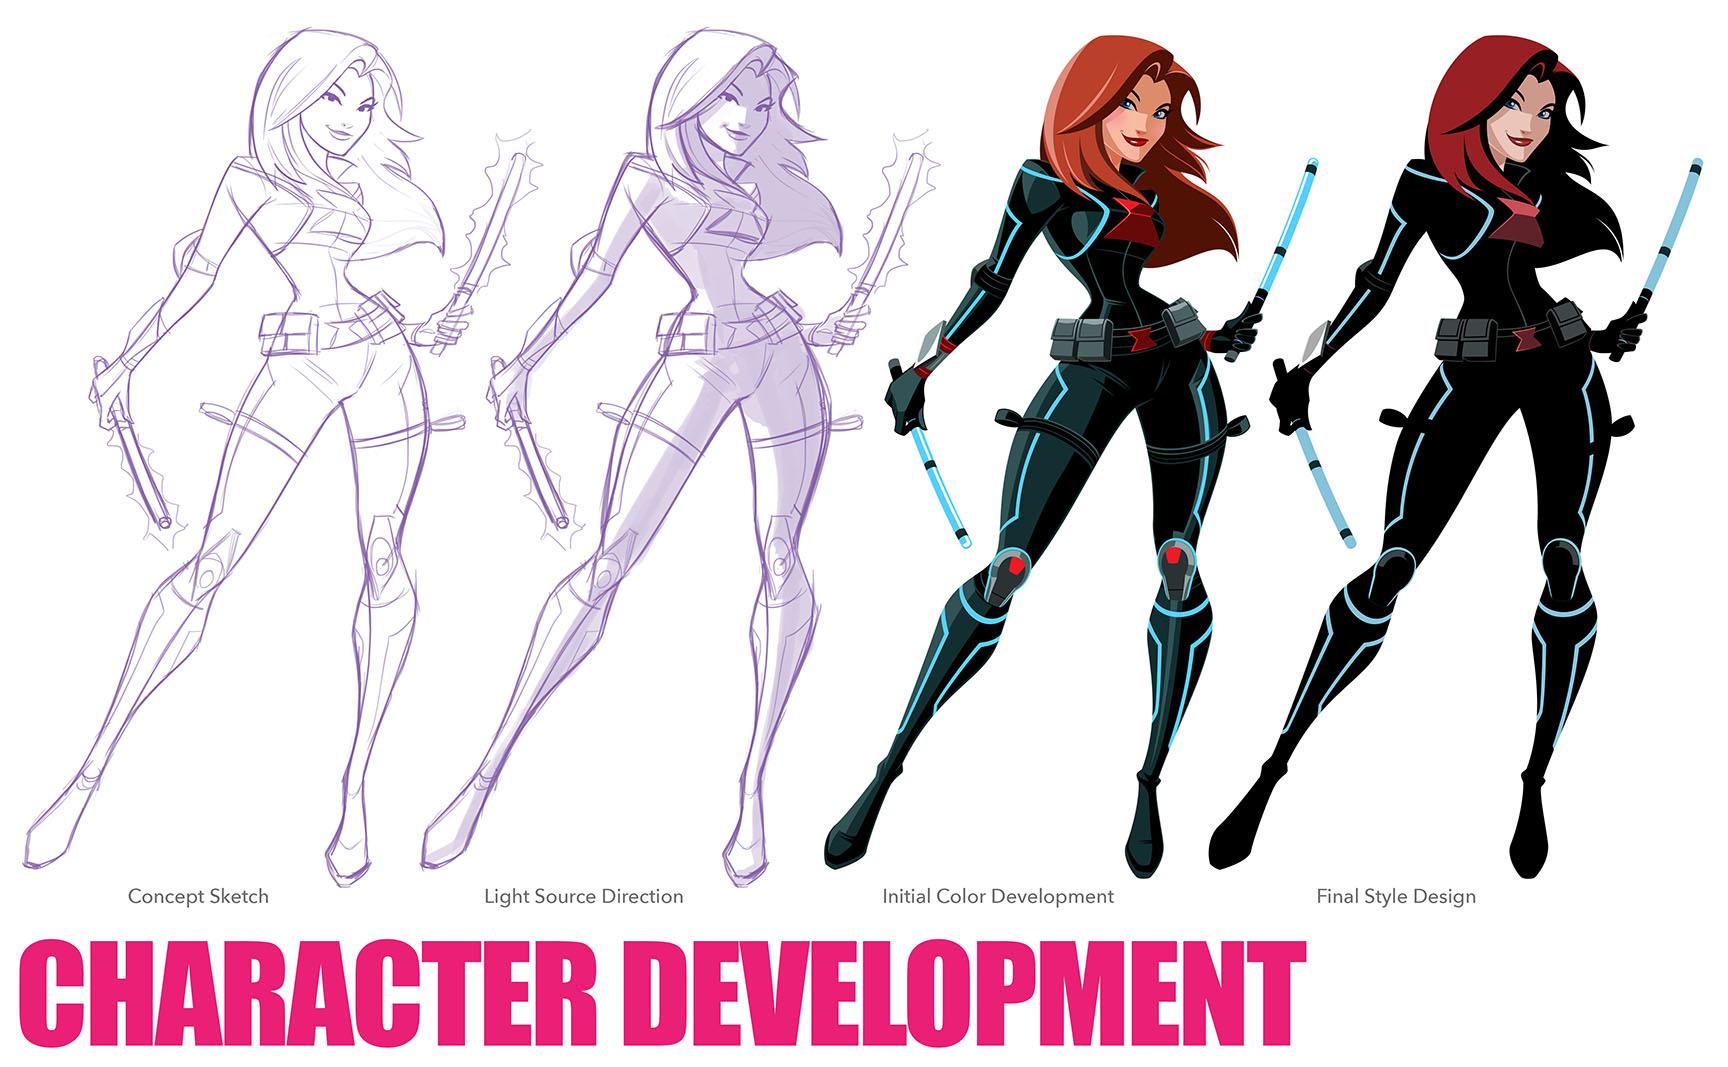 Character-Development-Marvel.jpg